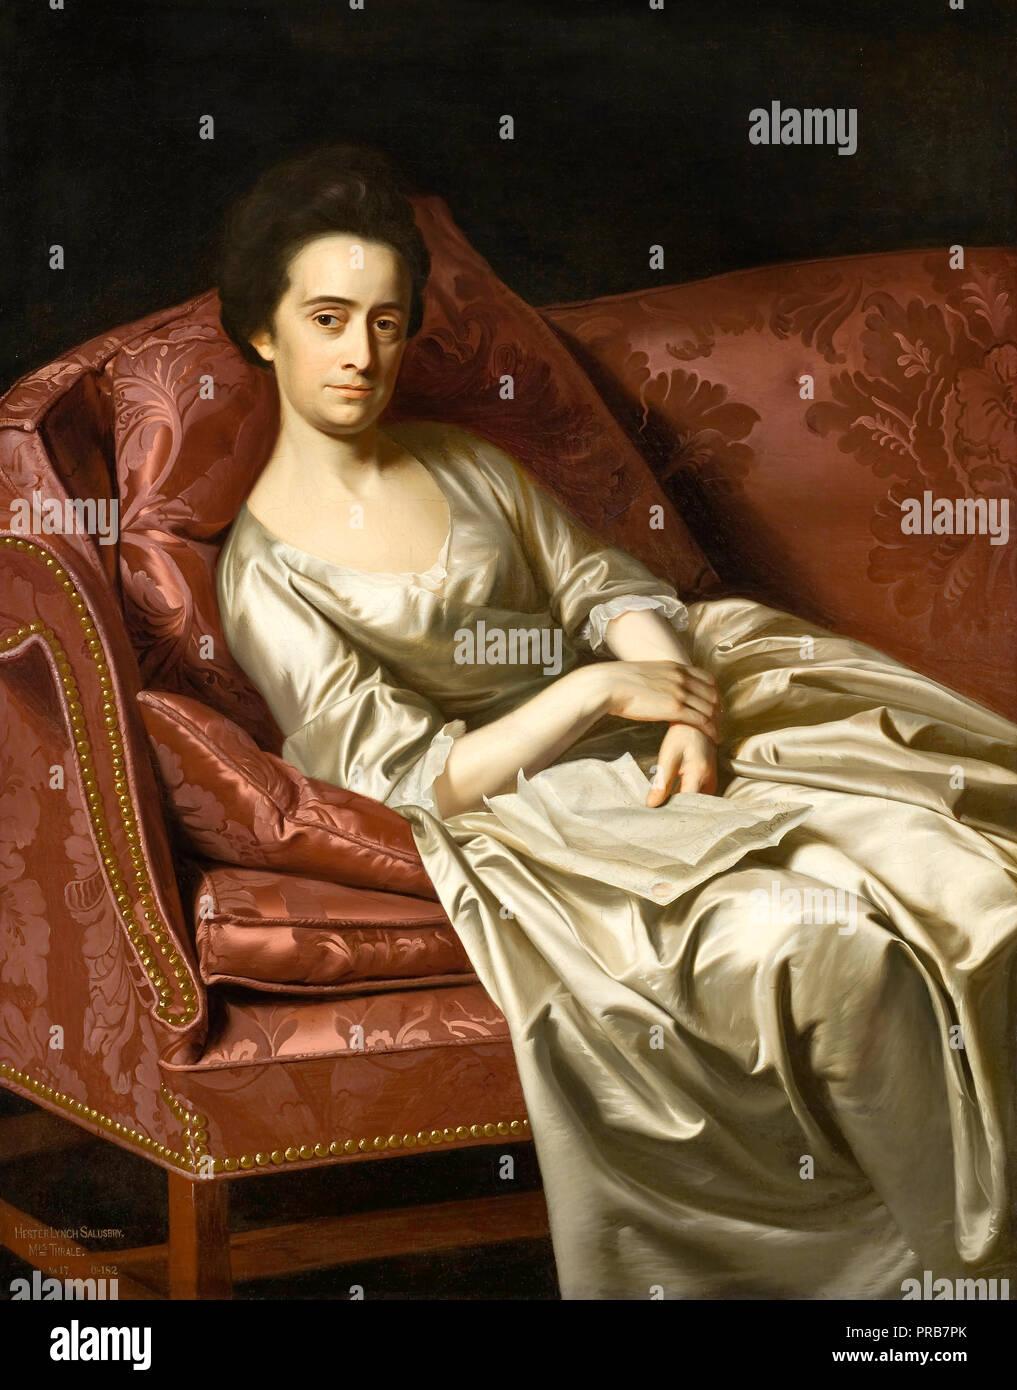 John Singleton Copley, Retrato de una dama 1771 Óleo sobre lienzo, Museo de Arte del Condado de Los Angeles, Los Angeles, Estados Unidos. Imagen De Stock